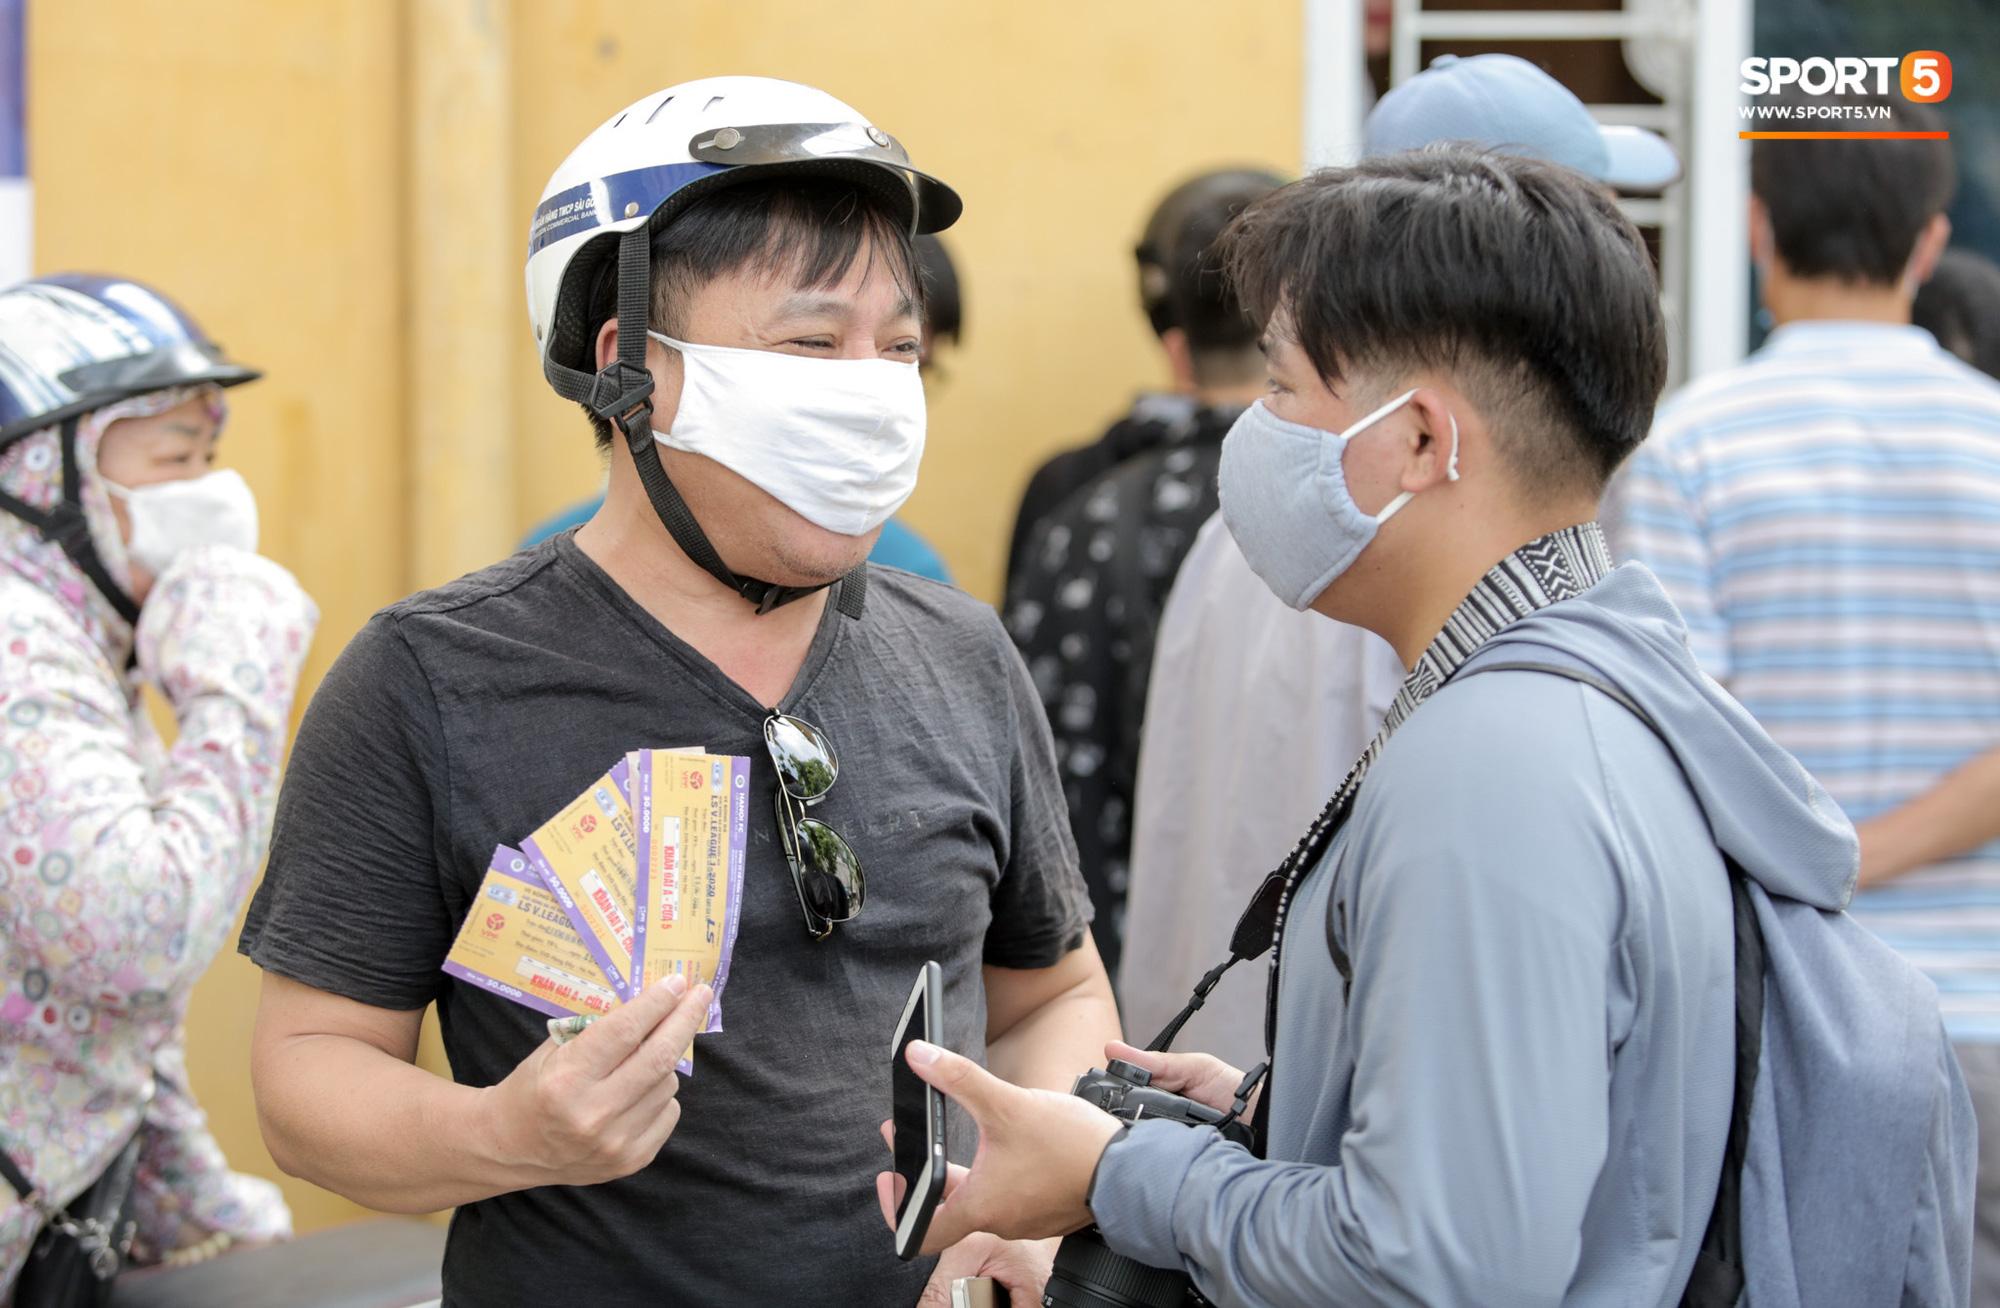 Mở bán vé xem Quang Hải so tài Văn Toàn vào giờ đi làm, dân phe lại đông hơn CĐV - Ảnh 5.